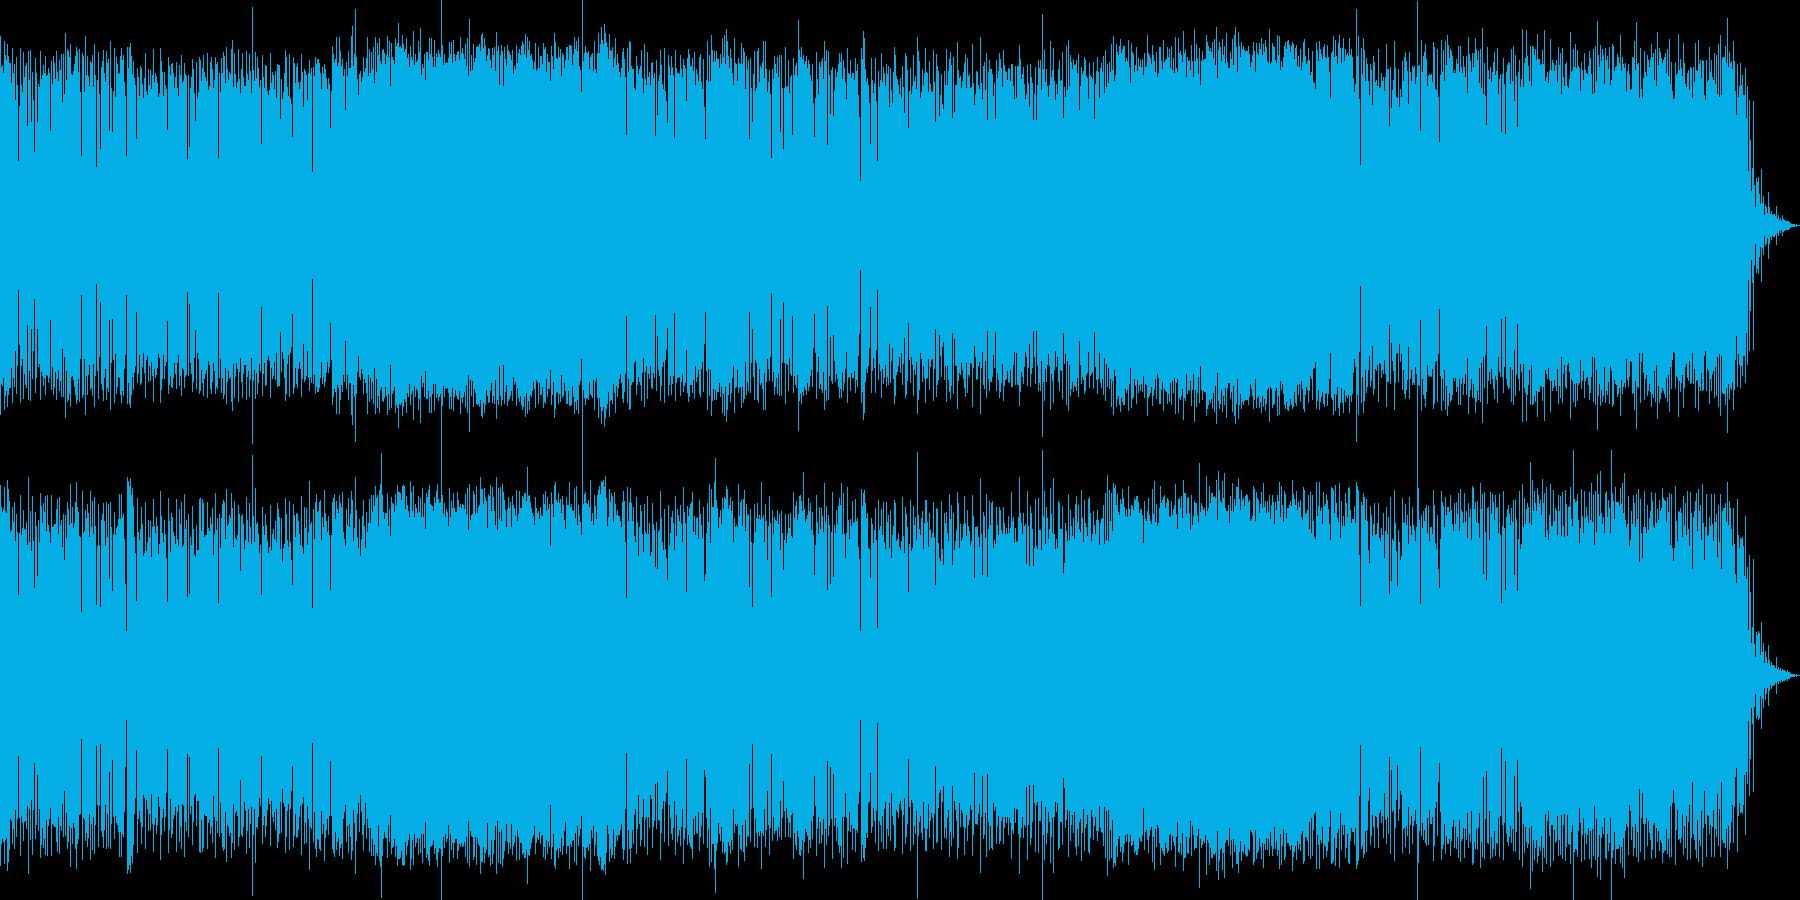 陽気でバカンスの雰囲気があるファンクの再生済みの波形